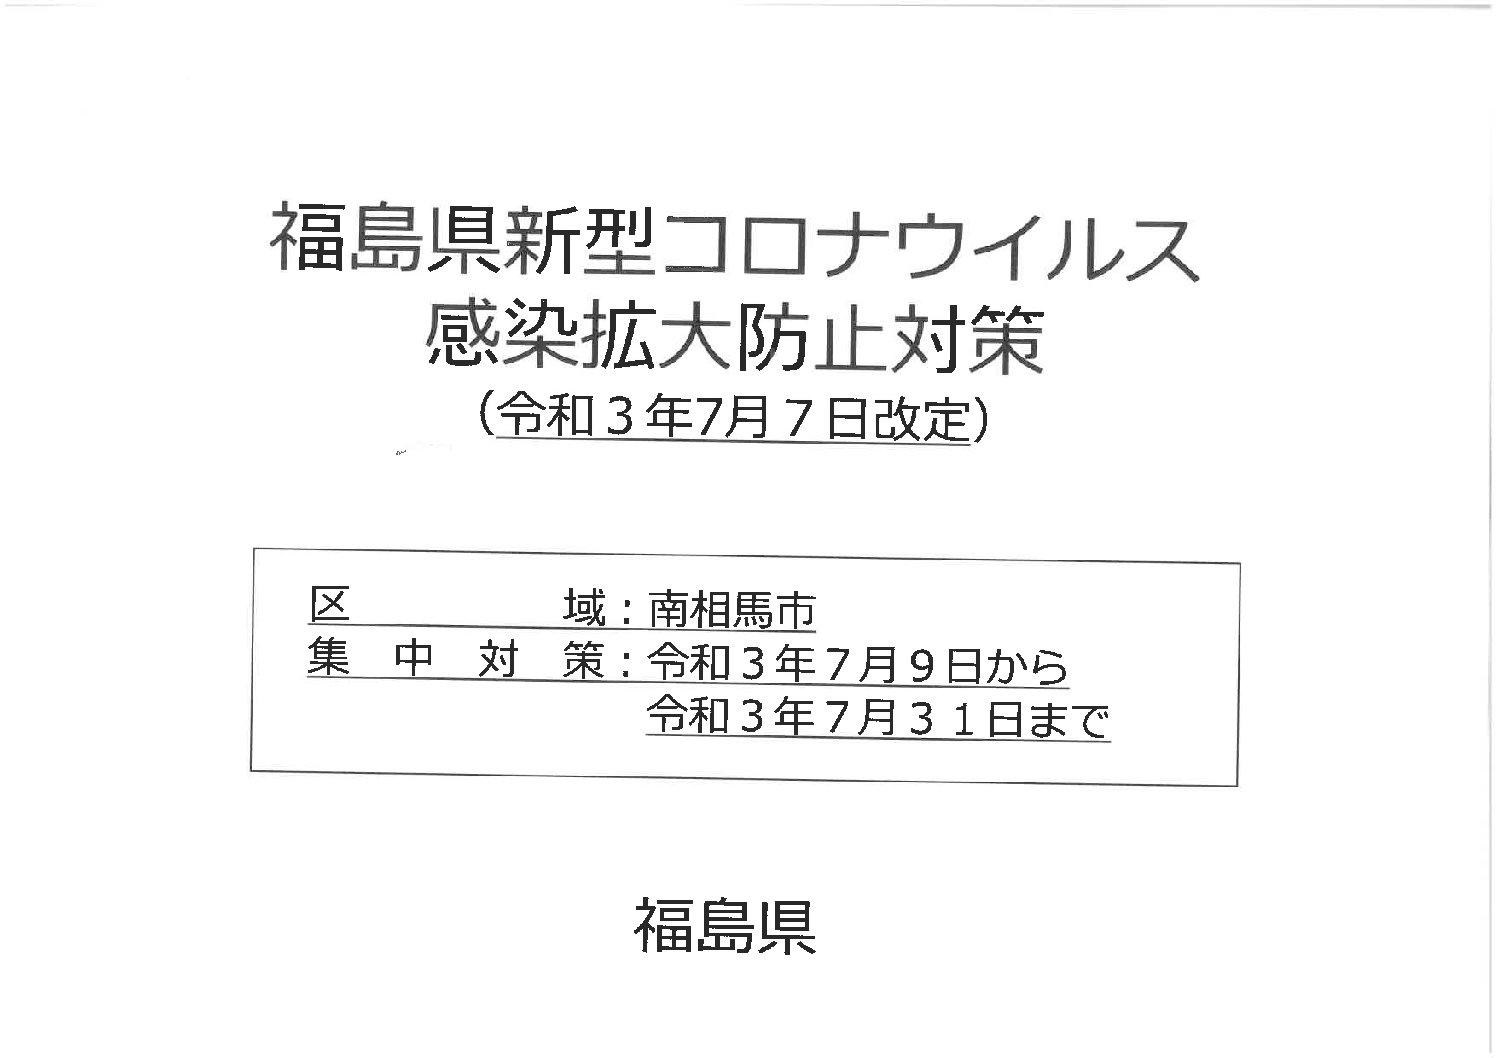 新型コロナウィルス感染拡大防止対策について(お知らせ)